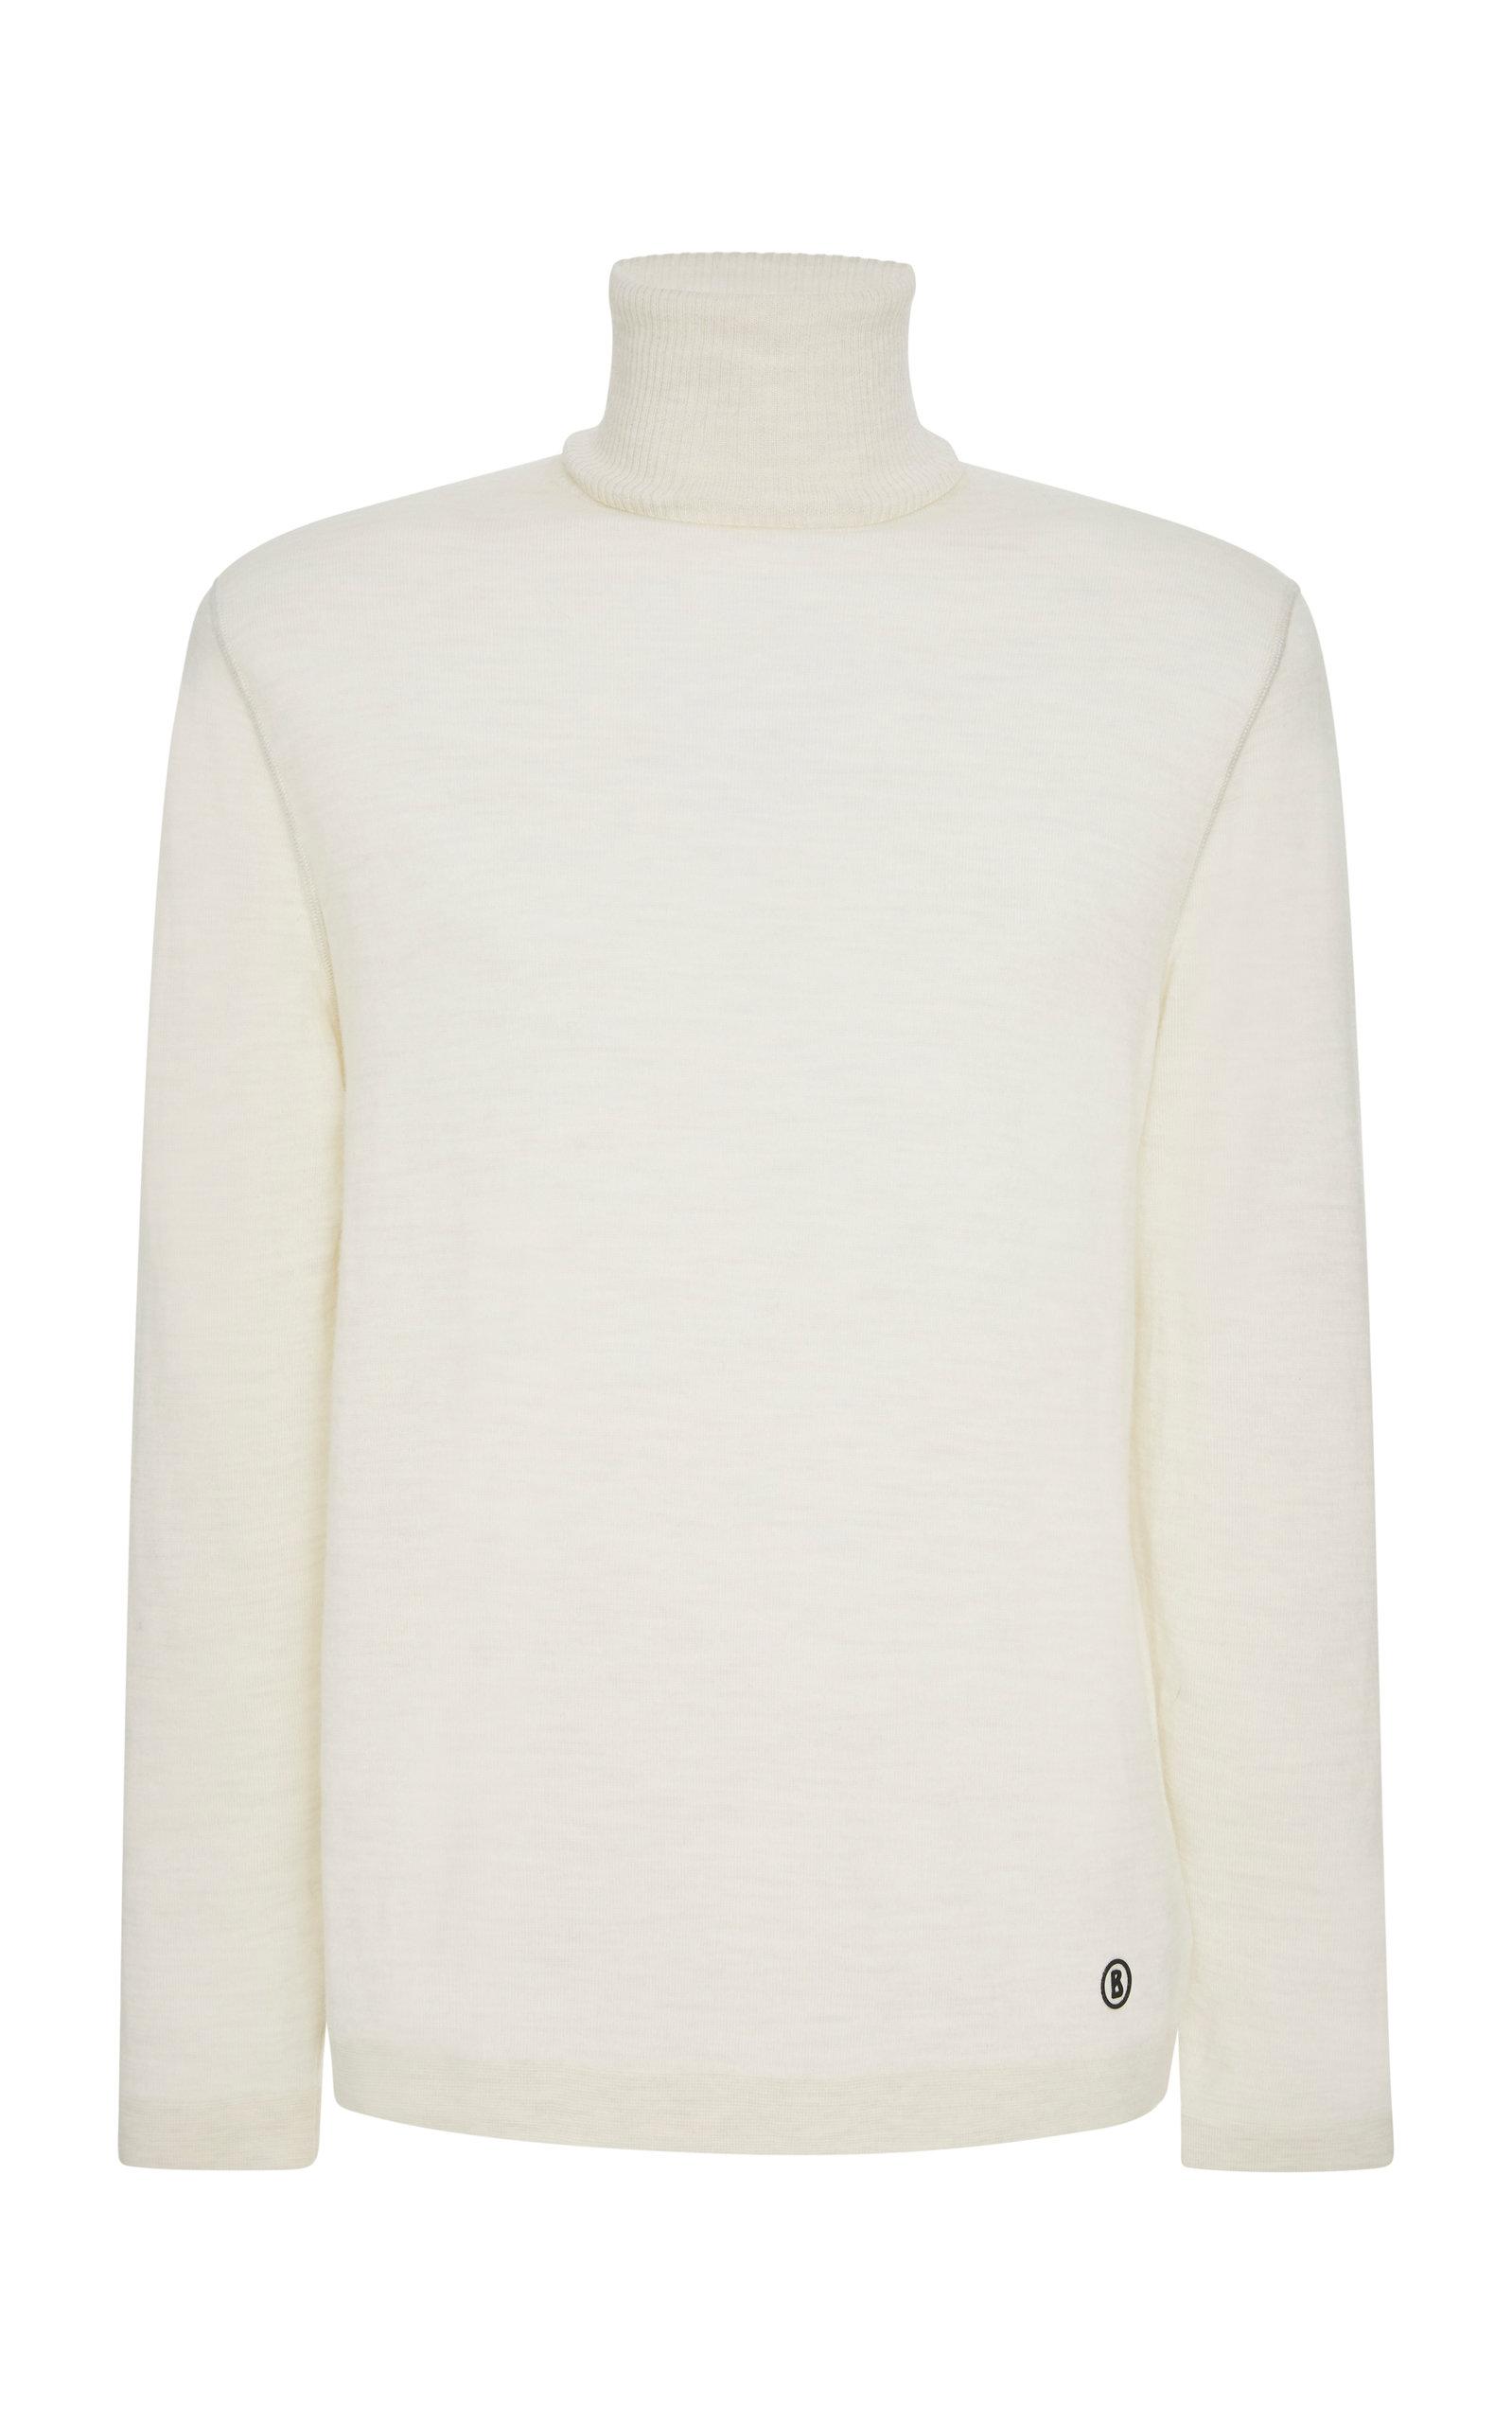 BOGNER X WHITE CUBE Erik Wool Turtleneck Sweater in White